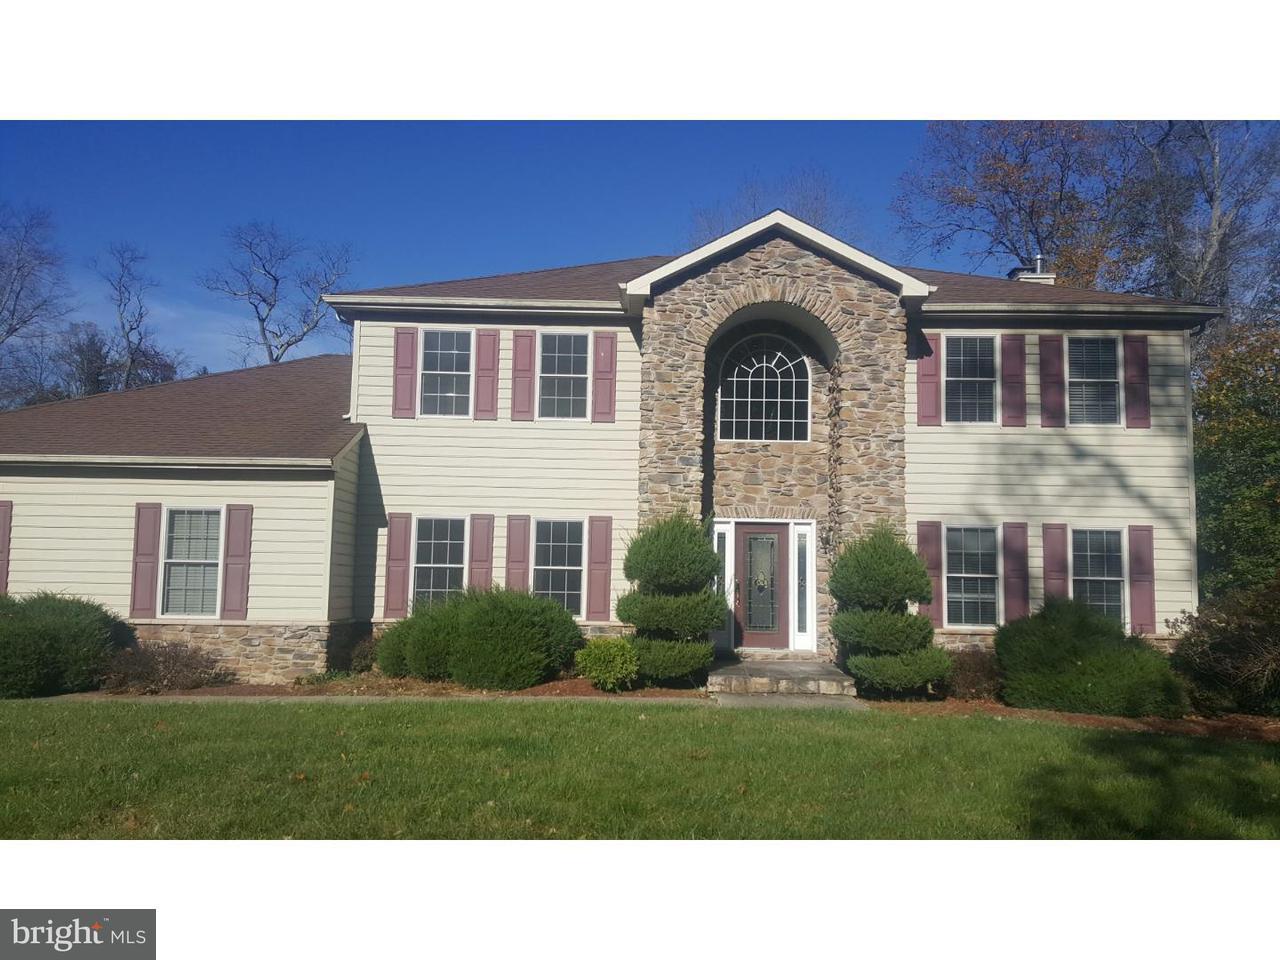 Maison unifamiliale pour l Vente à 437 LEWISTOWN Road Juliustown, New Jersey 08022 États-Unis